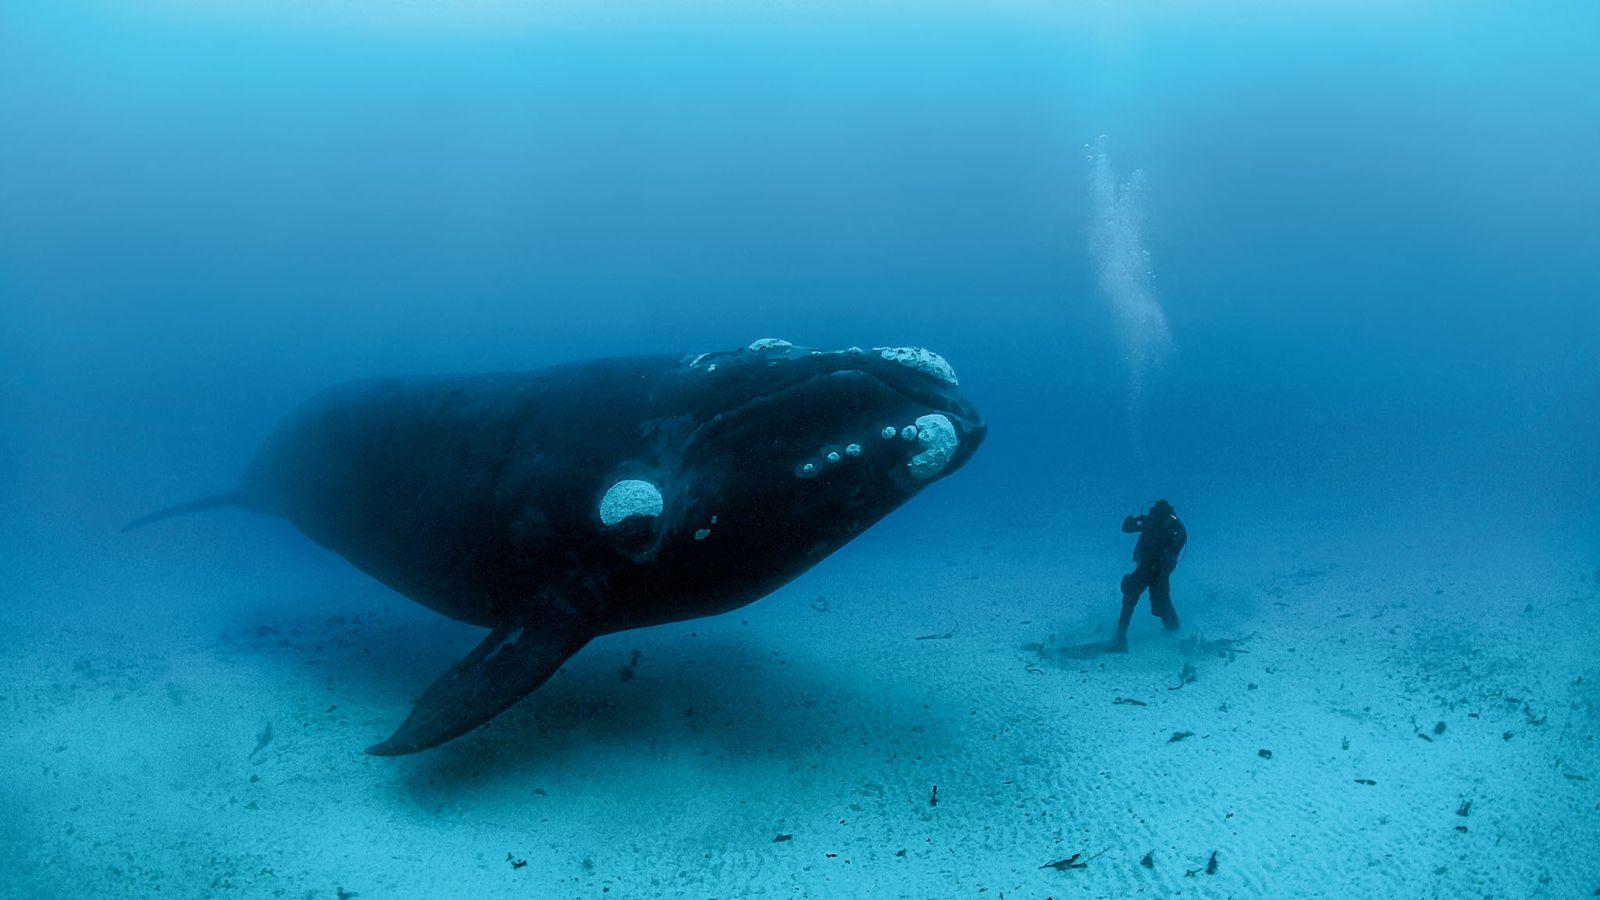 baleia mergulhador